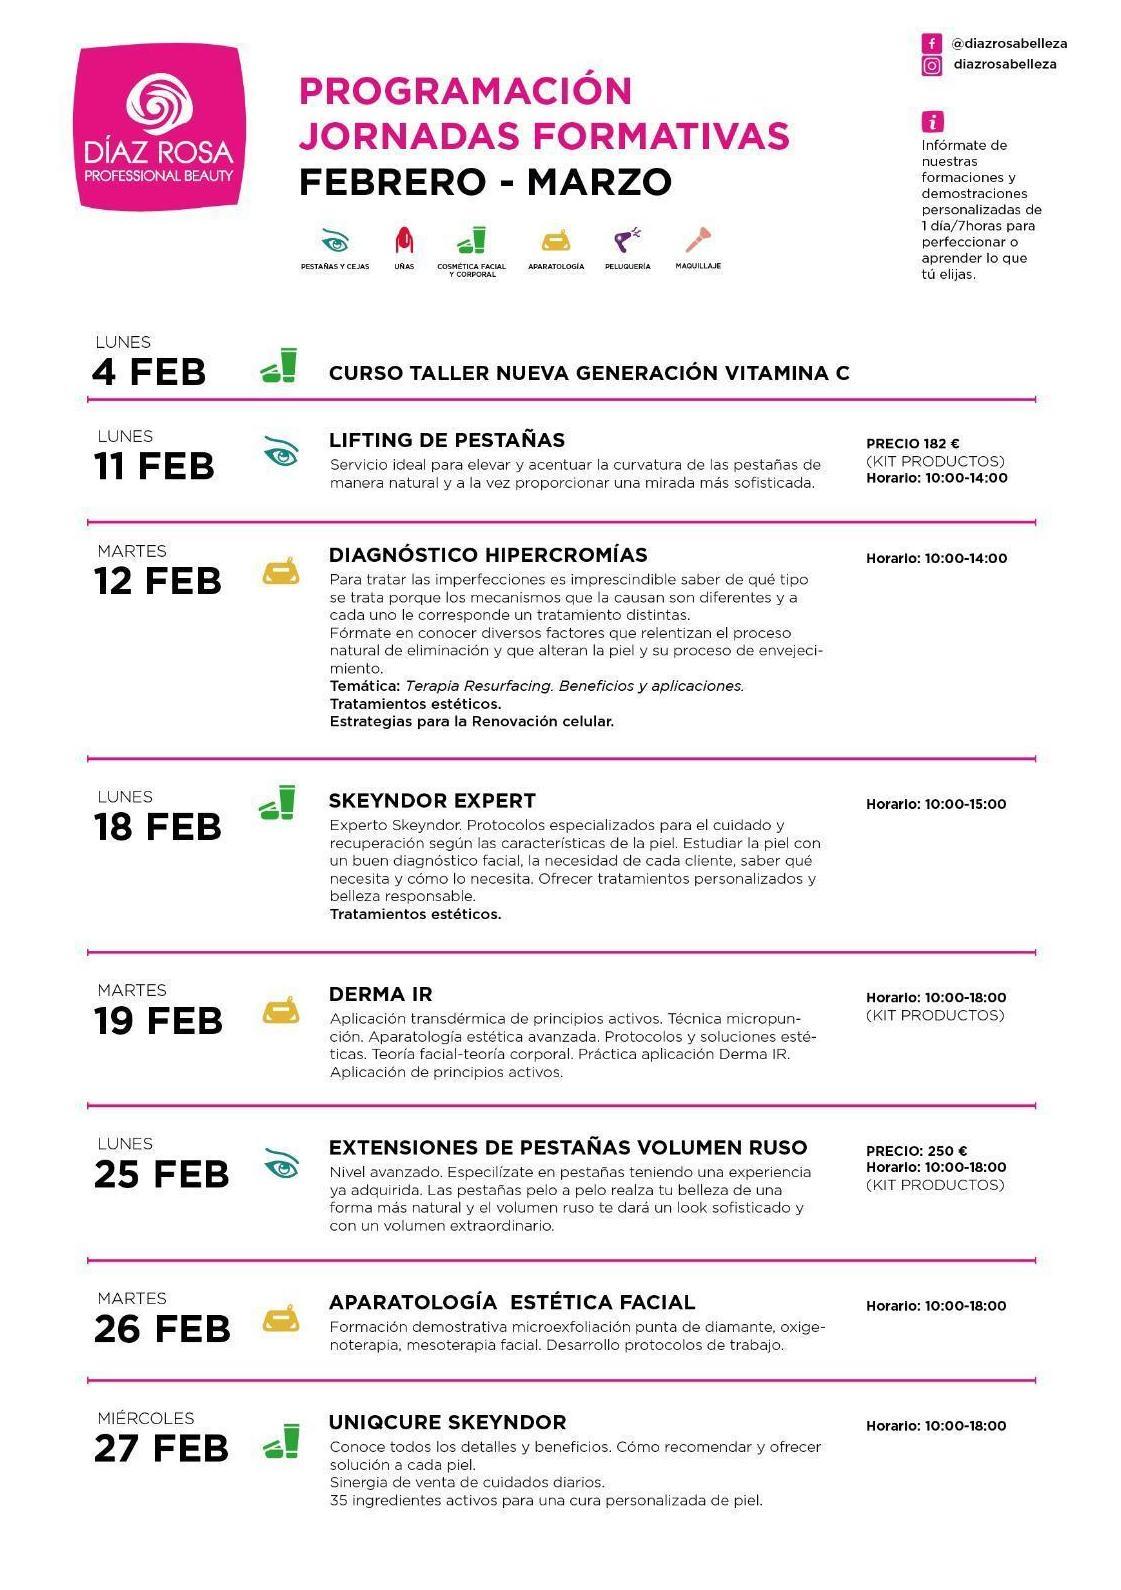 Calendario de formaciones organizadas que tenemos preparadas para Febrero y Marzo